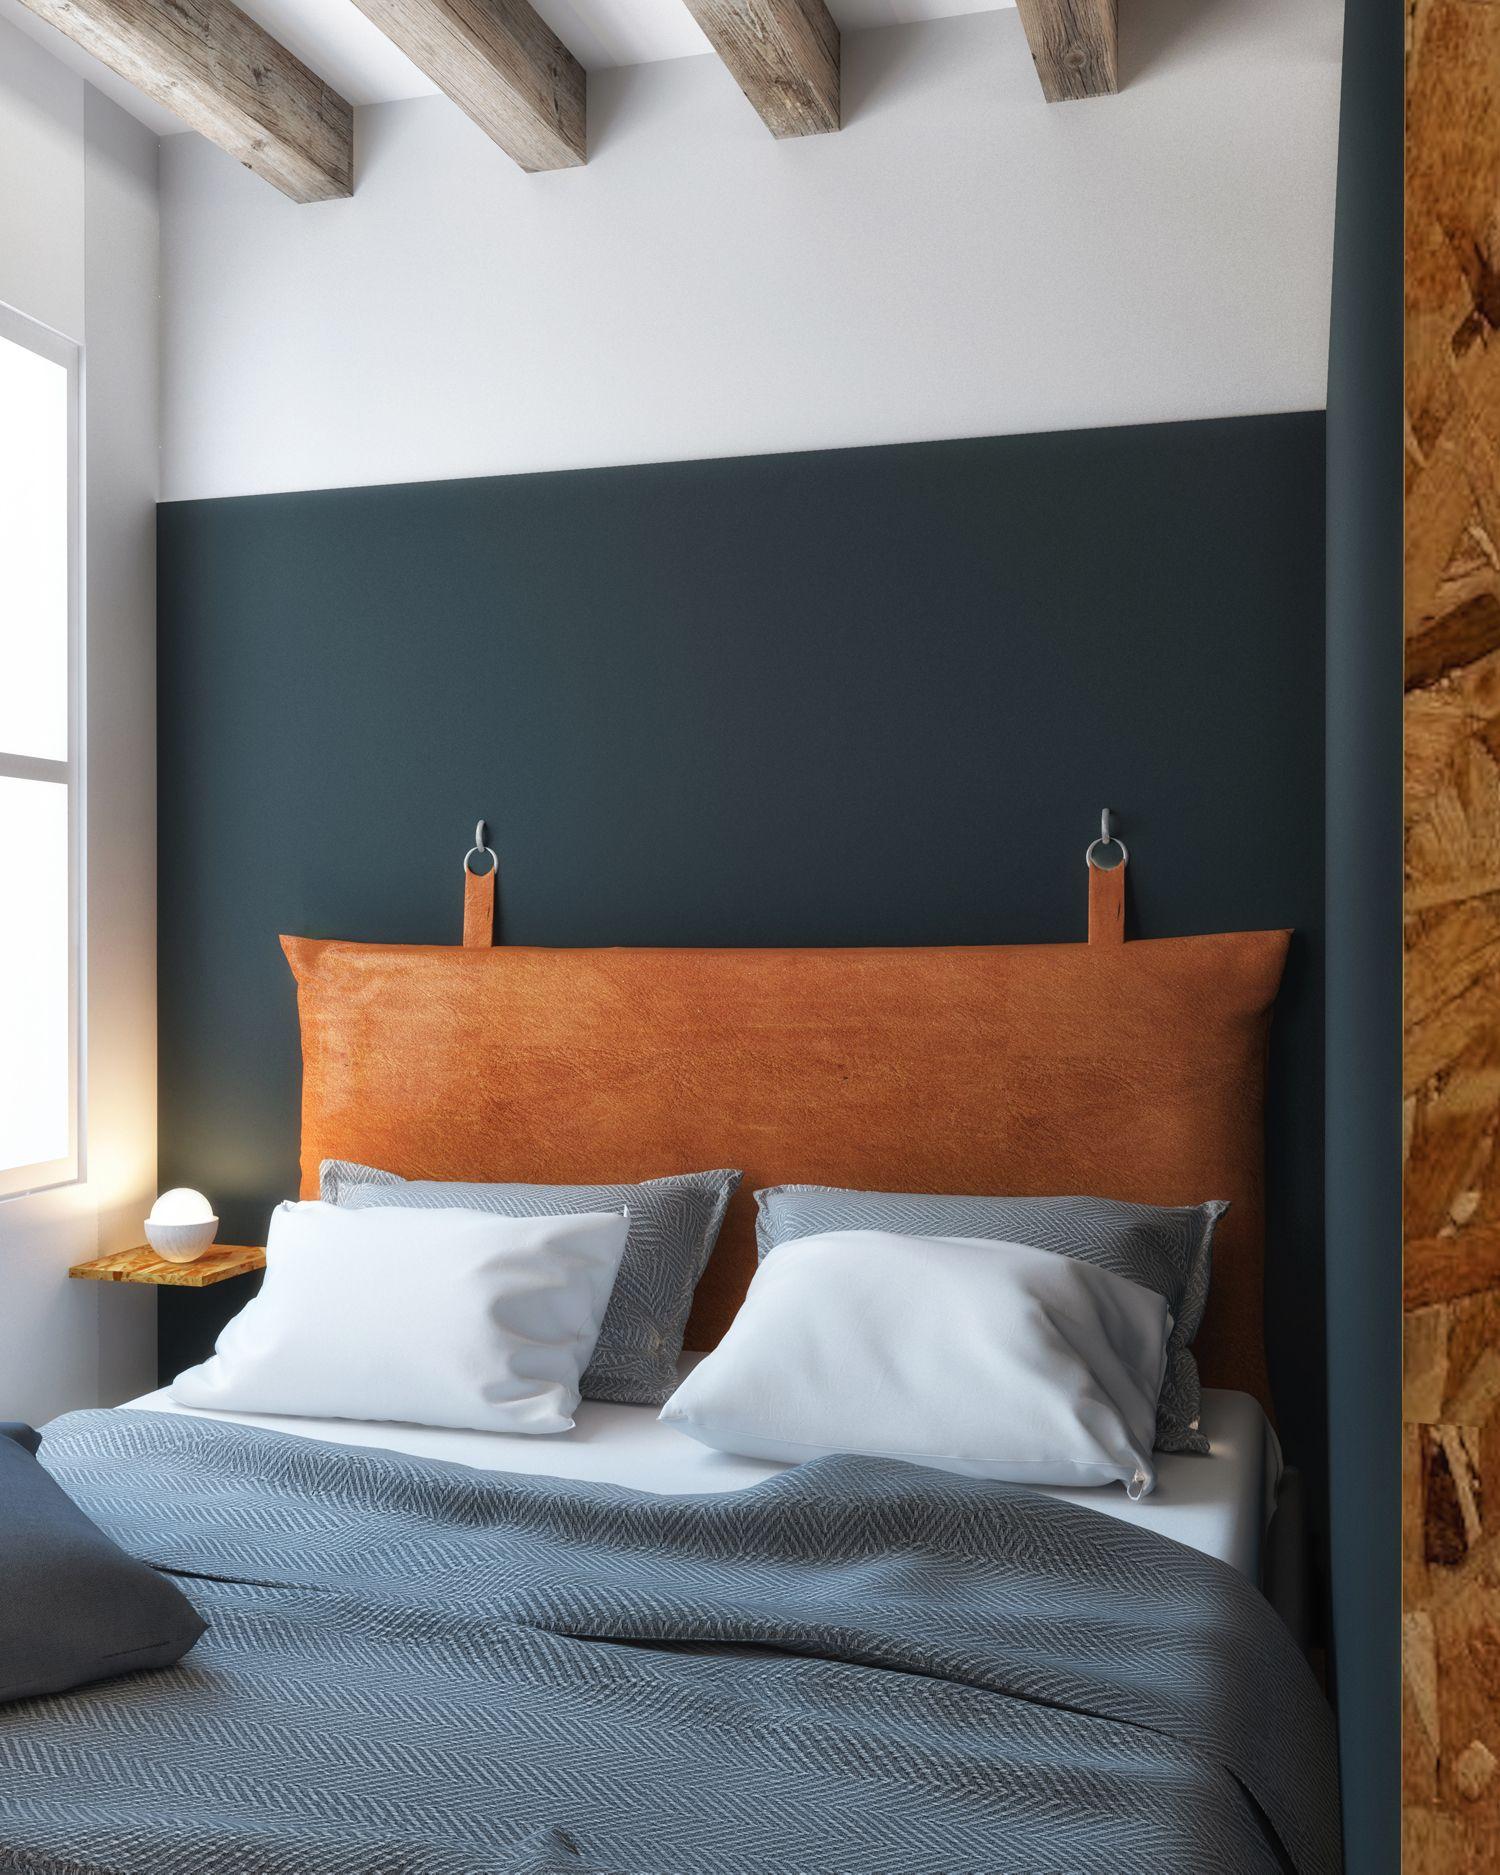 Tete De Lit Avec Coussin Comment Faire pinalyssa cassatto on home | bedroom inspirations